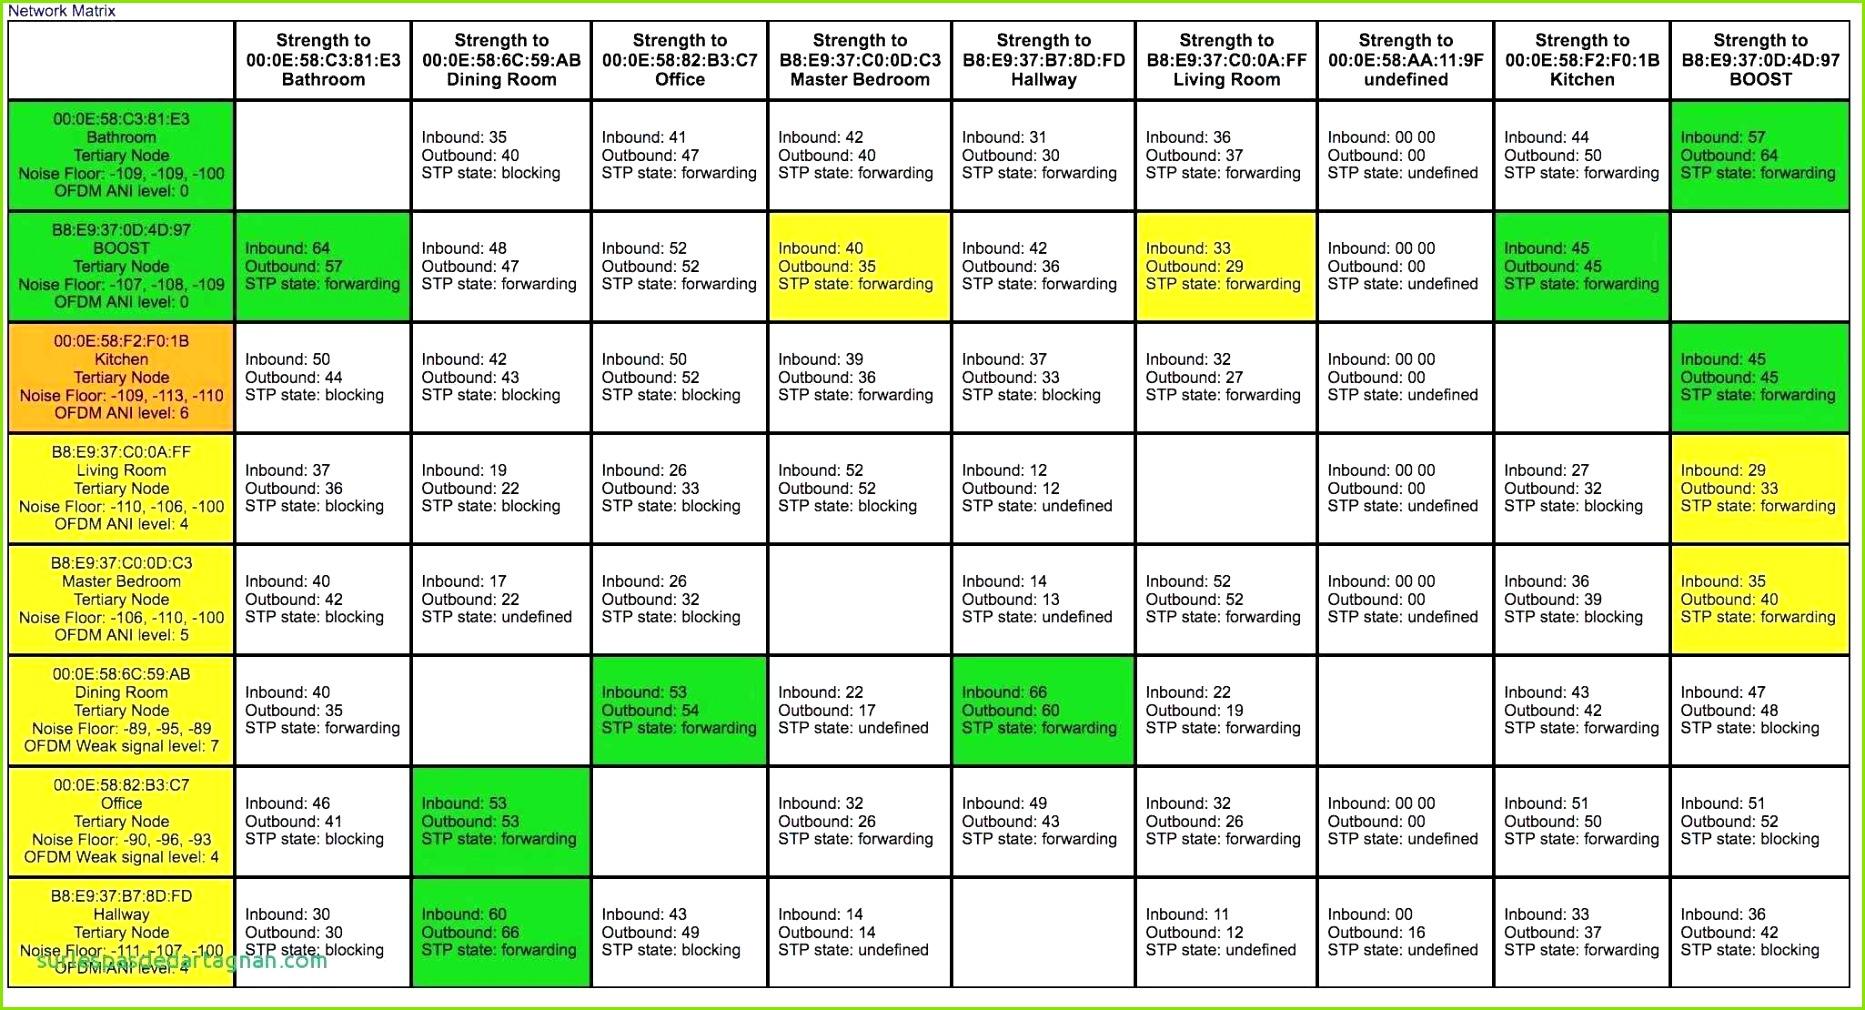 Haushaltsplan Muster Vorlagen Herunterladbare Wochenplan Vorlage Kostenlos Luxus Genial Inhaltsverzeichnis Vorlage 45 Neu Haushaltsplan Muster